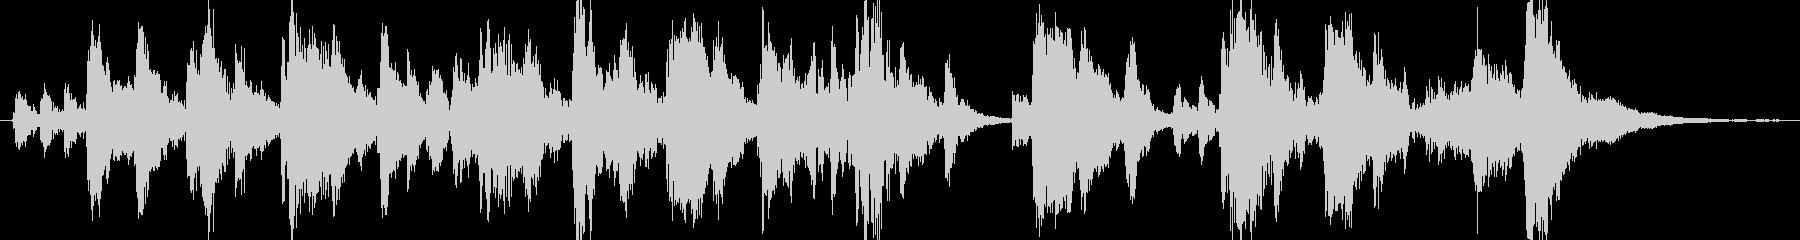 オーケストラ楽器ファンタジー漫画の...の未再生の波形